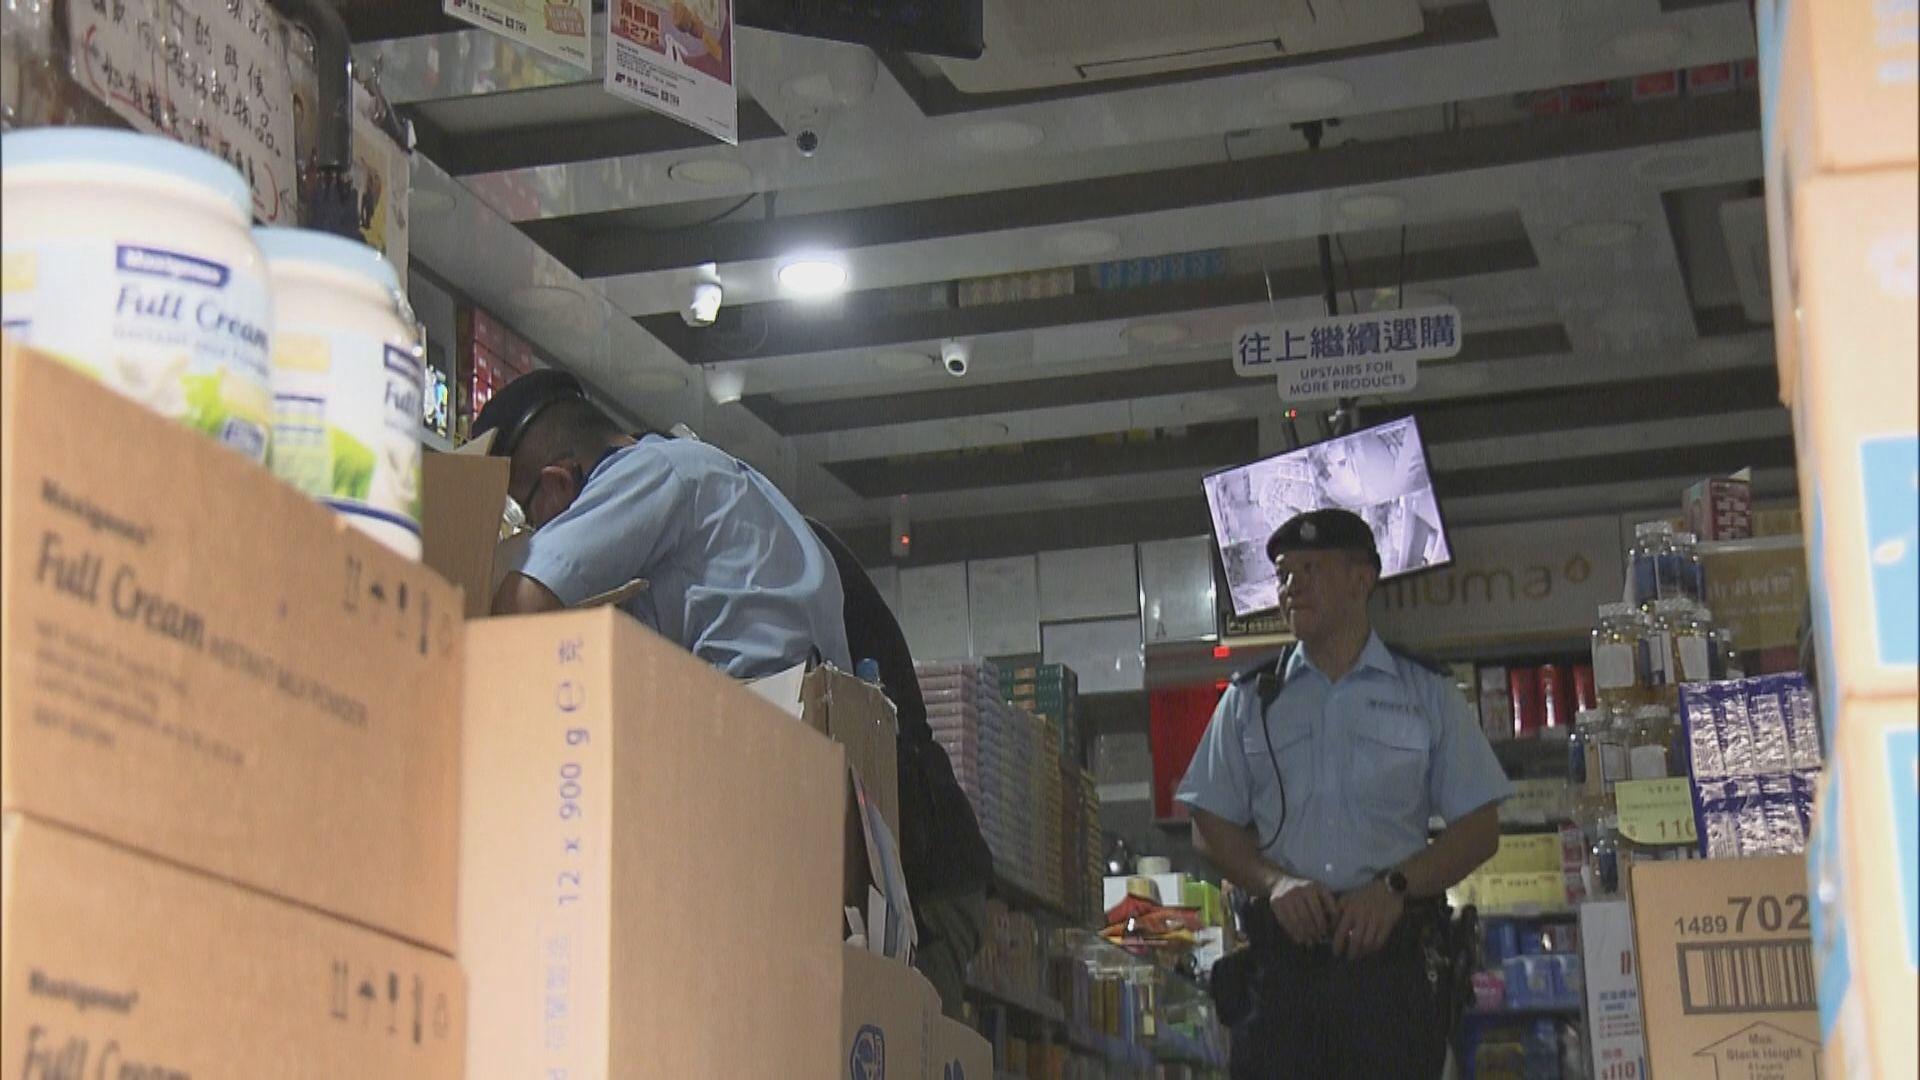 光復上水遊行後 有商戶遭破壞報警處理